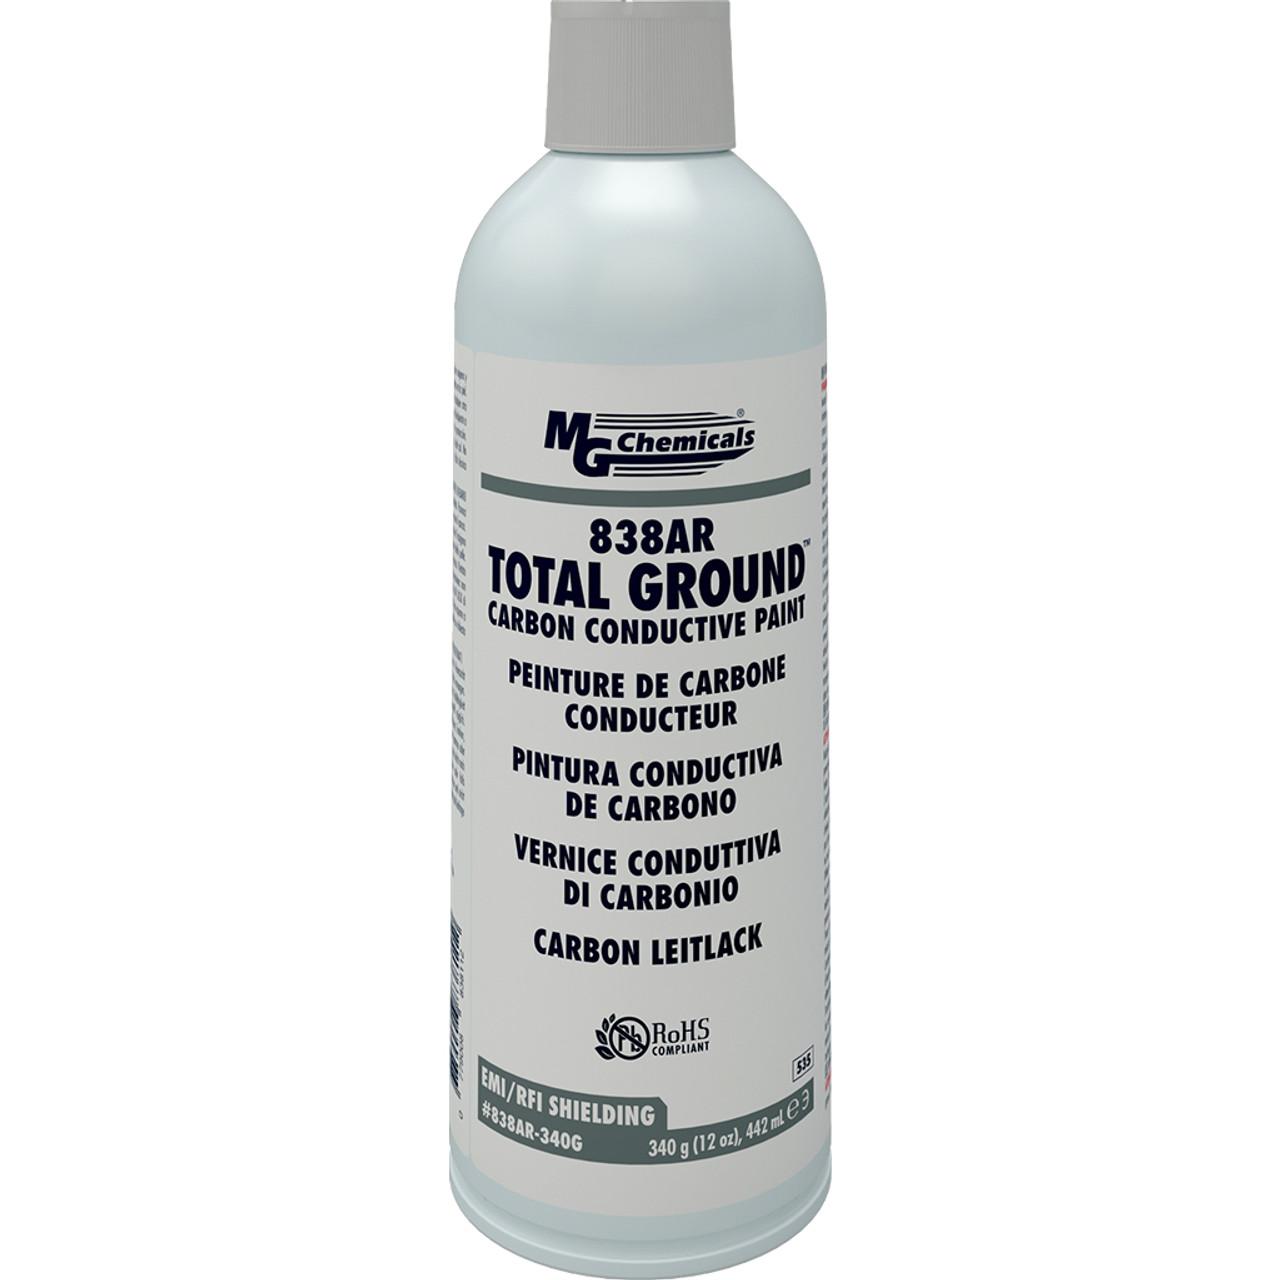 MG Chemicals - Carbon Shielding Paint (Aerosol)